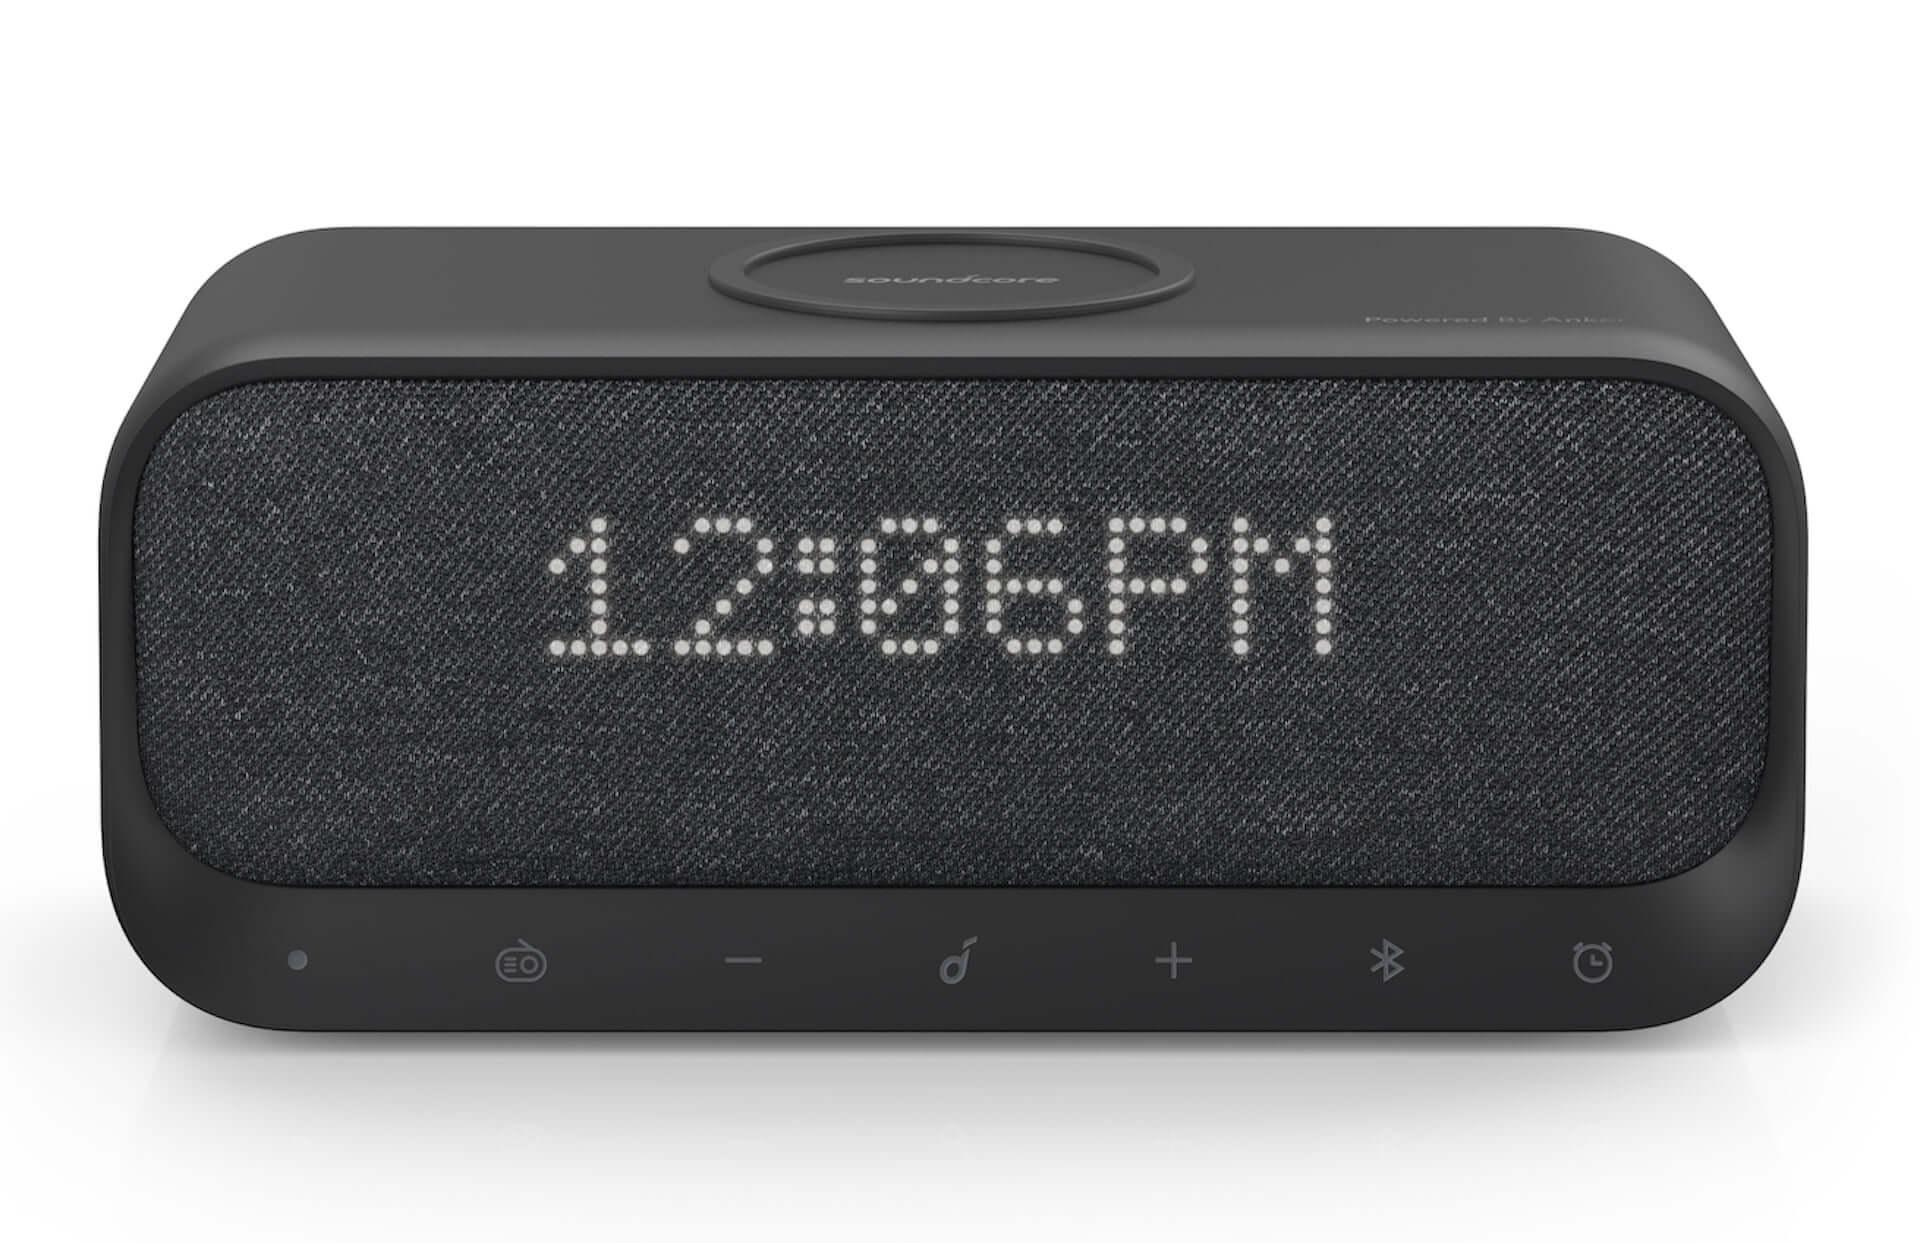 ベッドサイドでこそ力を発揮するBluetoothスピーカー!目覚まし時計・充電器が1台になった「Soundcore Wakey」 technology190712anker-soundwakey_1-1920x1243